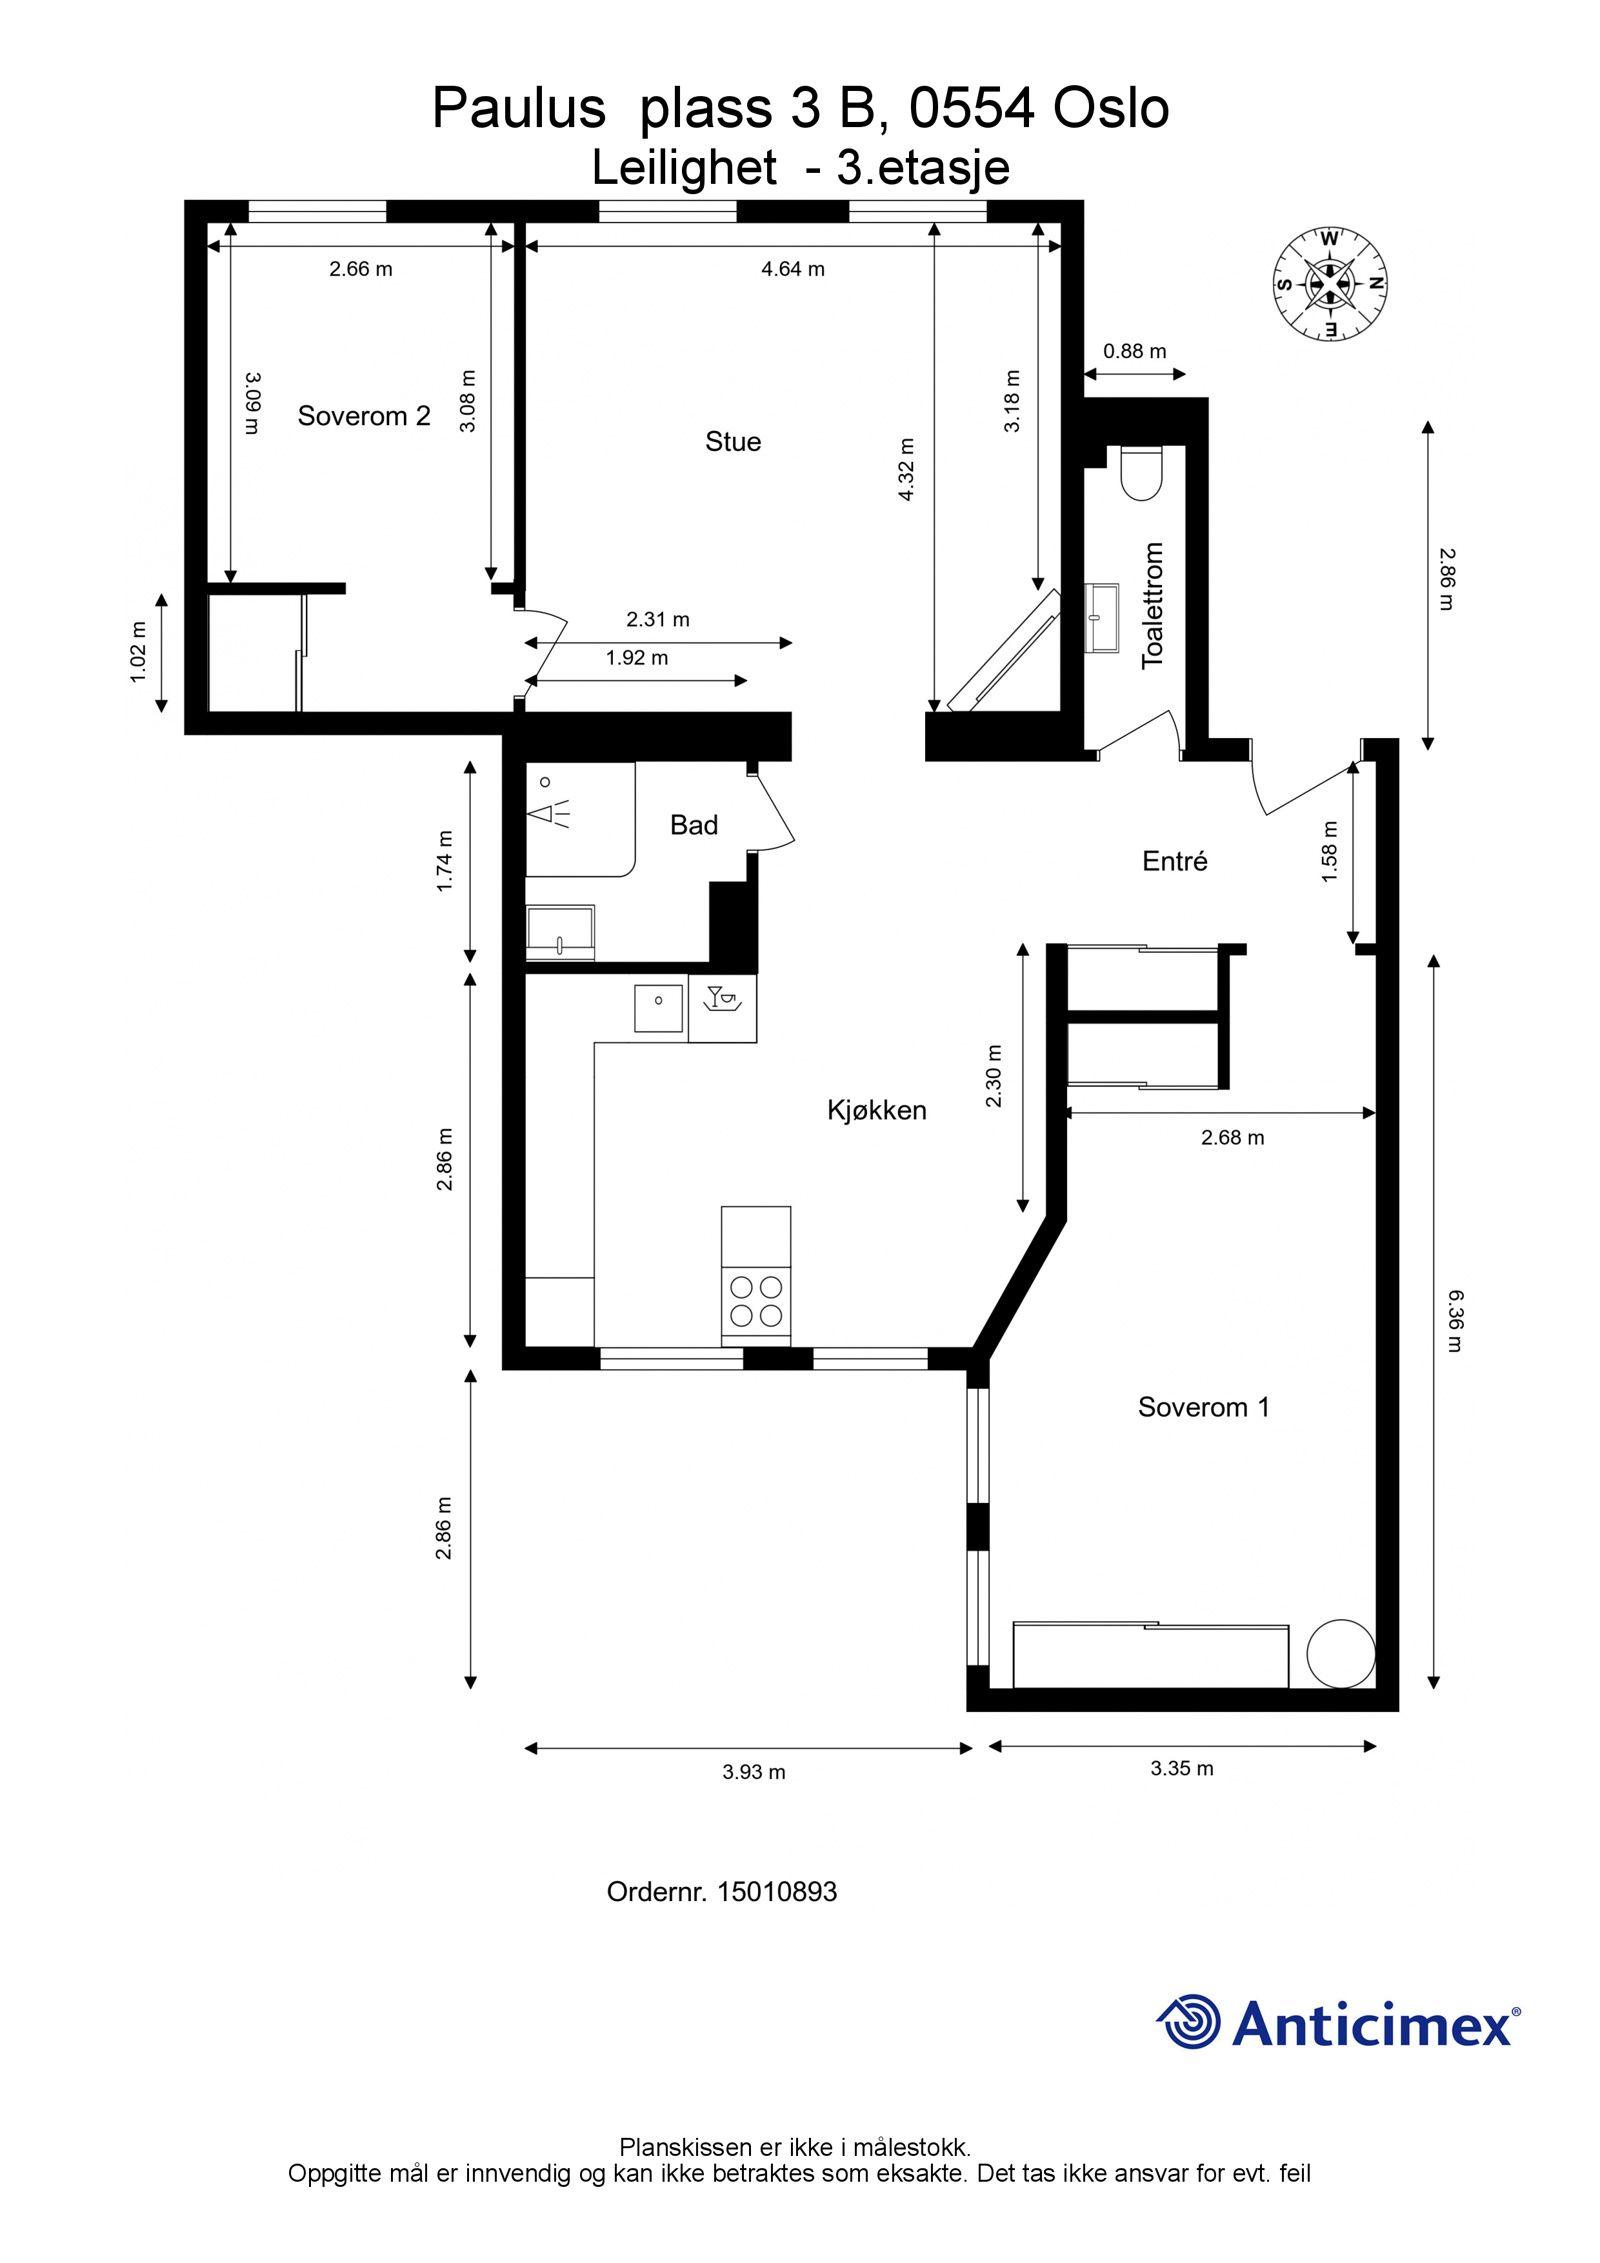 Paulus' plass 3 B Plantegning. I tillegg disponerer leiligheten en kjellerbod på ca. 7m², samt en loftsbod med gulvareal på ca. 4m².